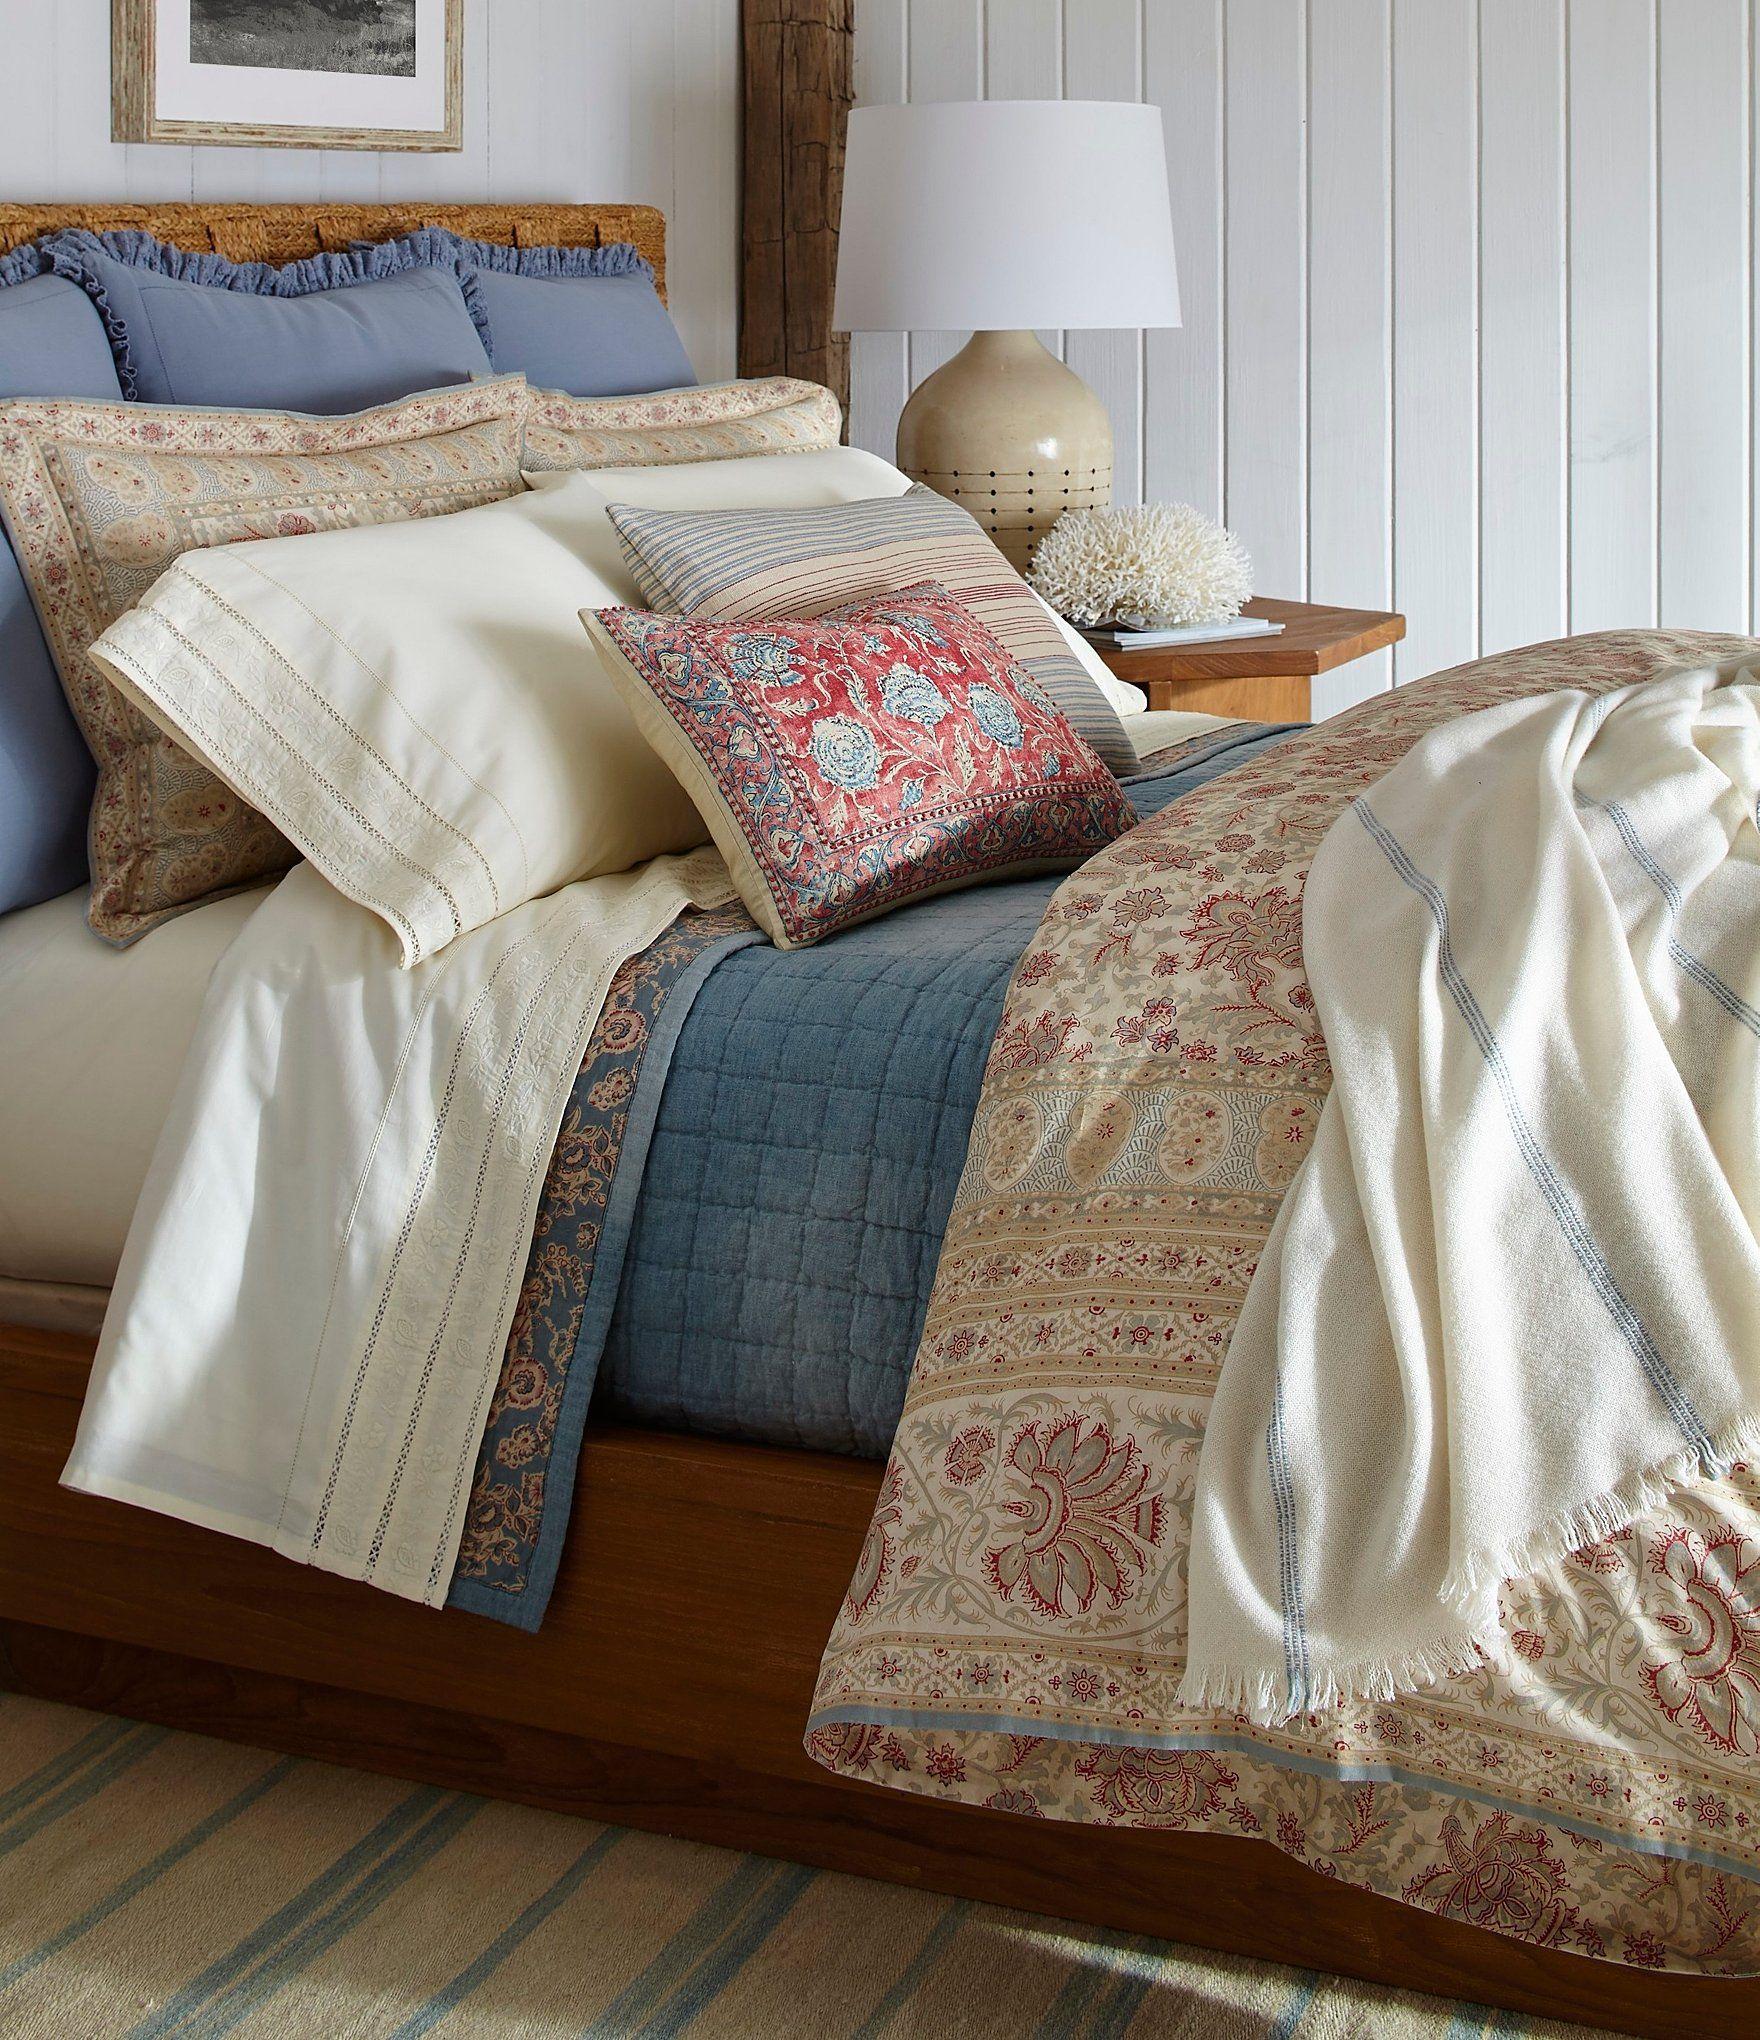 Ralph Lauren Half Moon Bay Phoebe Comforter Dillards Ralph Lauren Bedding Best Bedding Sets